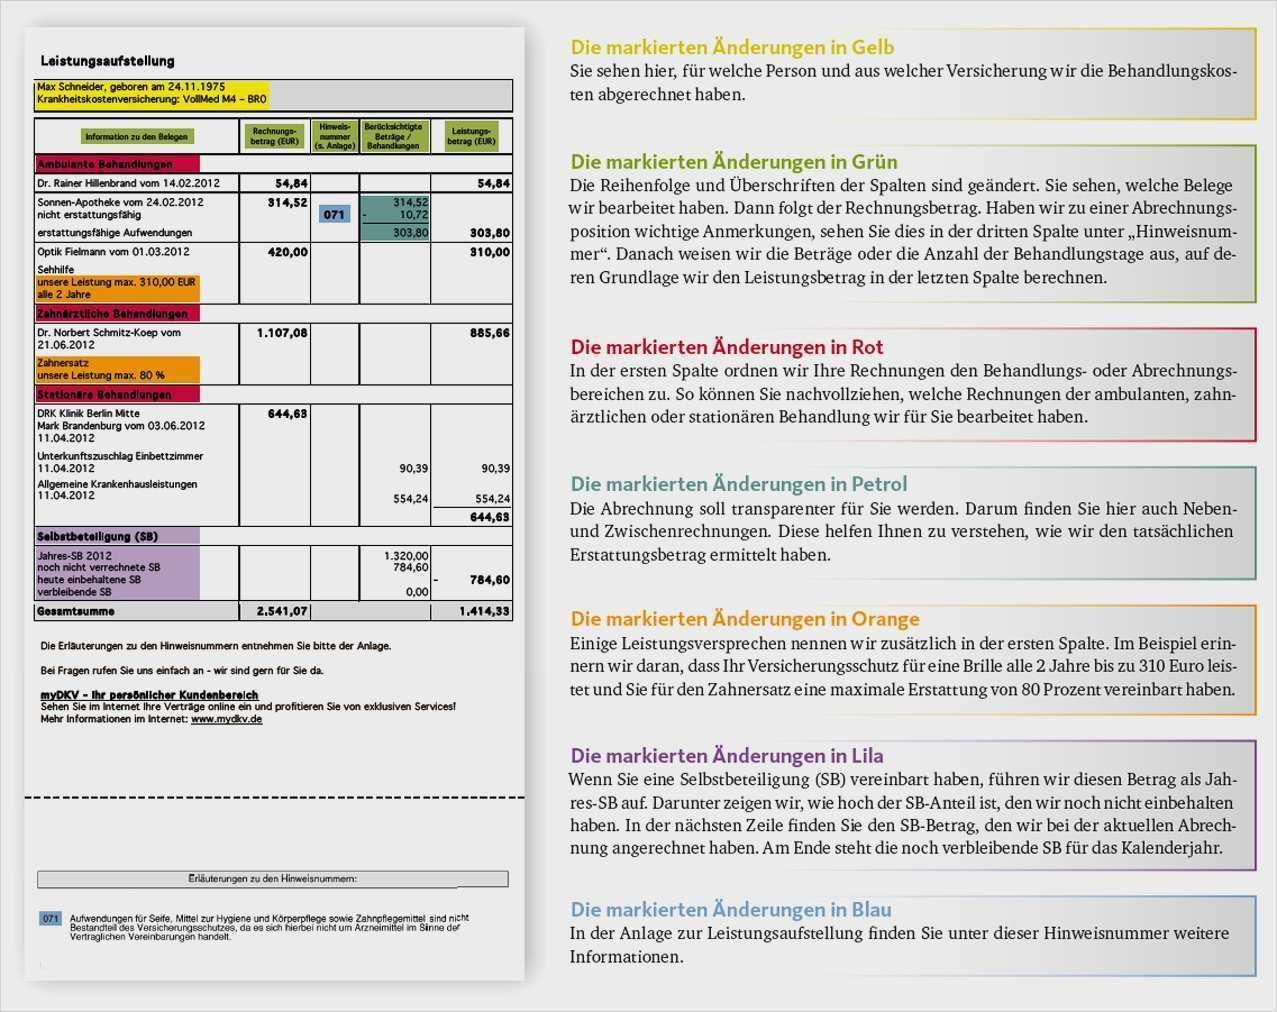 47 Wunderbar Vollmacht Krankenkasse Aok Vorlage Ebendiese Konnen Anpassen In Microsoft Word Rechnung Vorlage Vorlagen Rechnungsvorlage